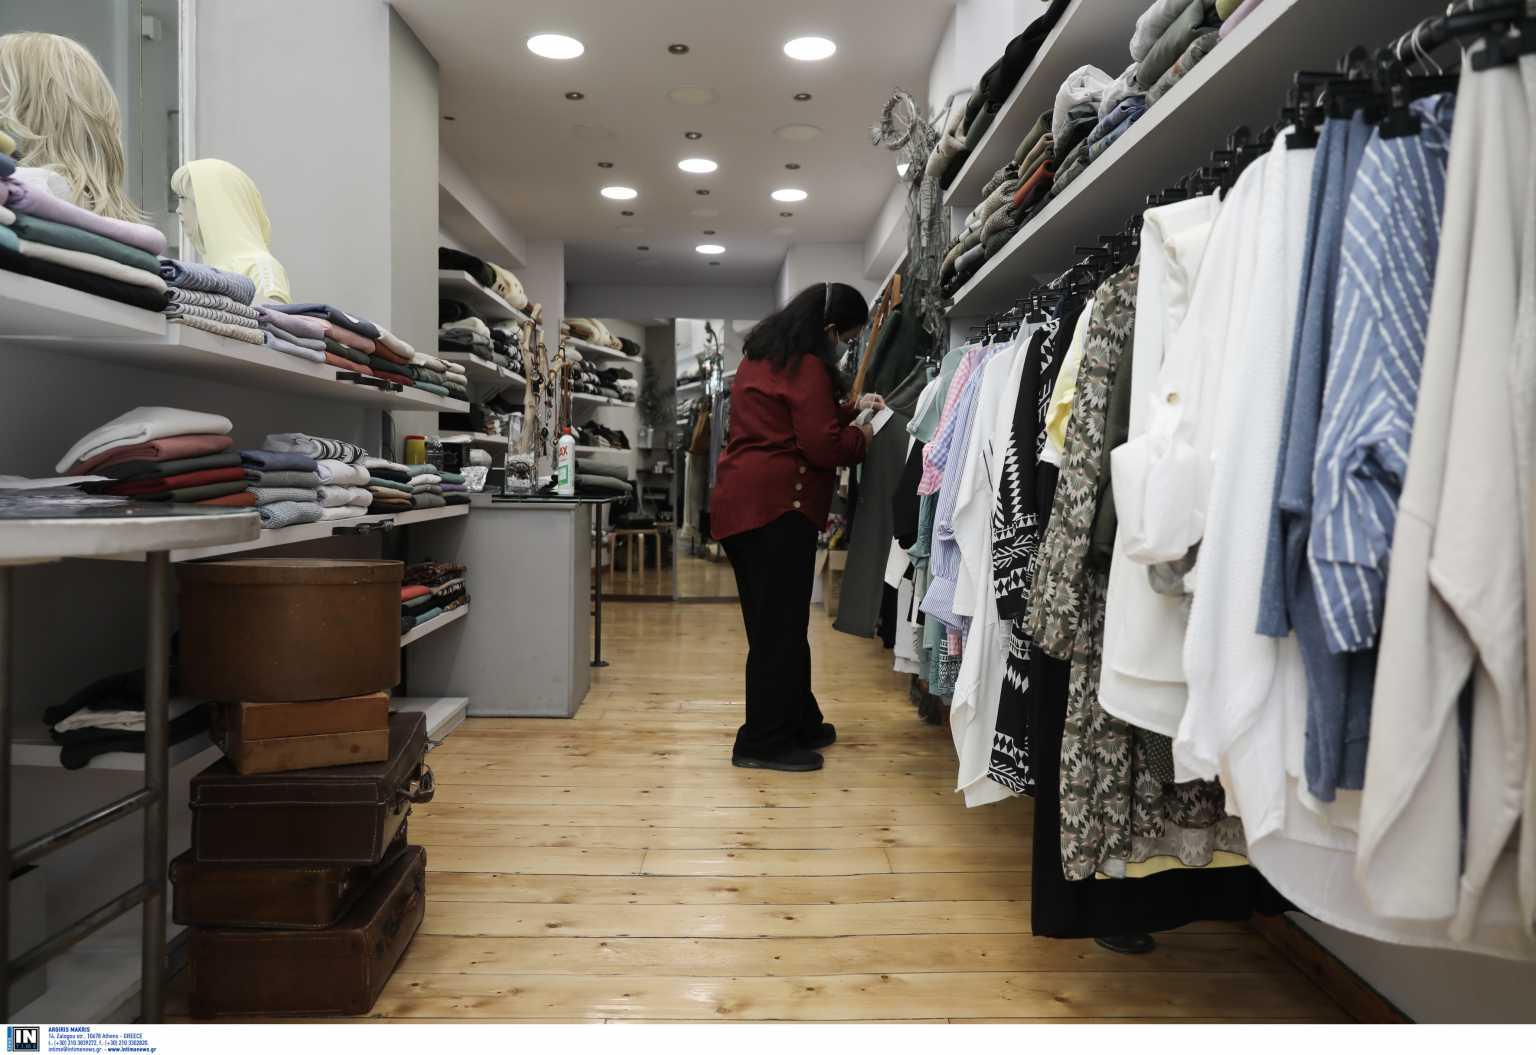 Νέο πακέτο στήριξης για τις κλειστές επιχειρήσεις τον Απρίλιο ανακοίνωσε ο Σταϊκούρας